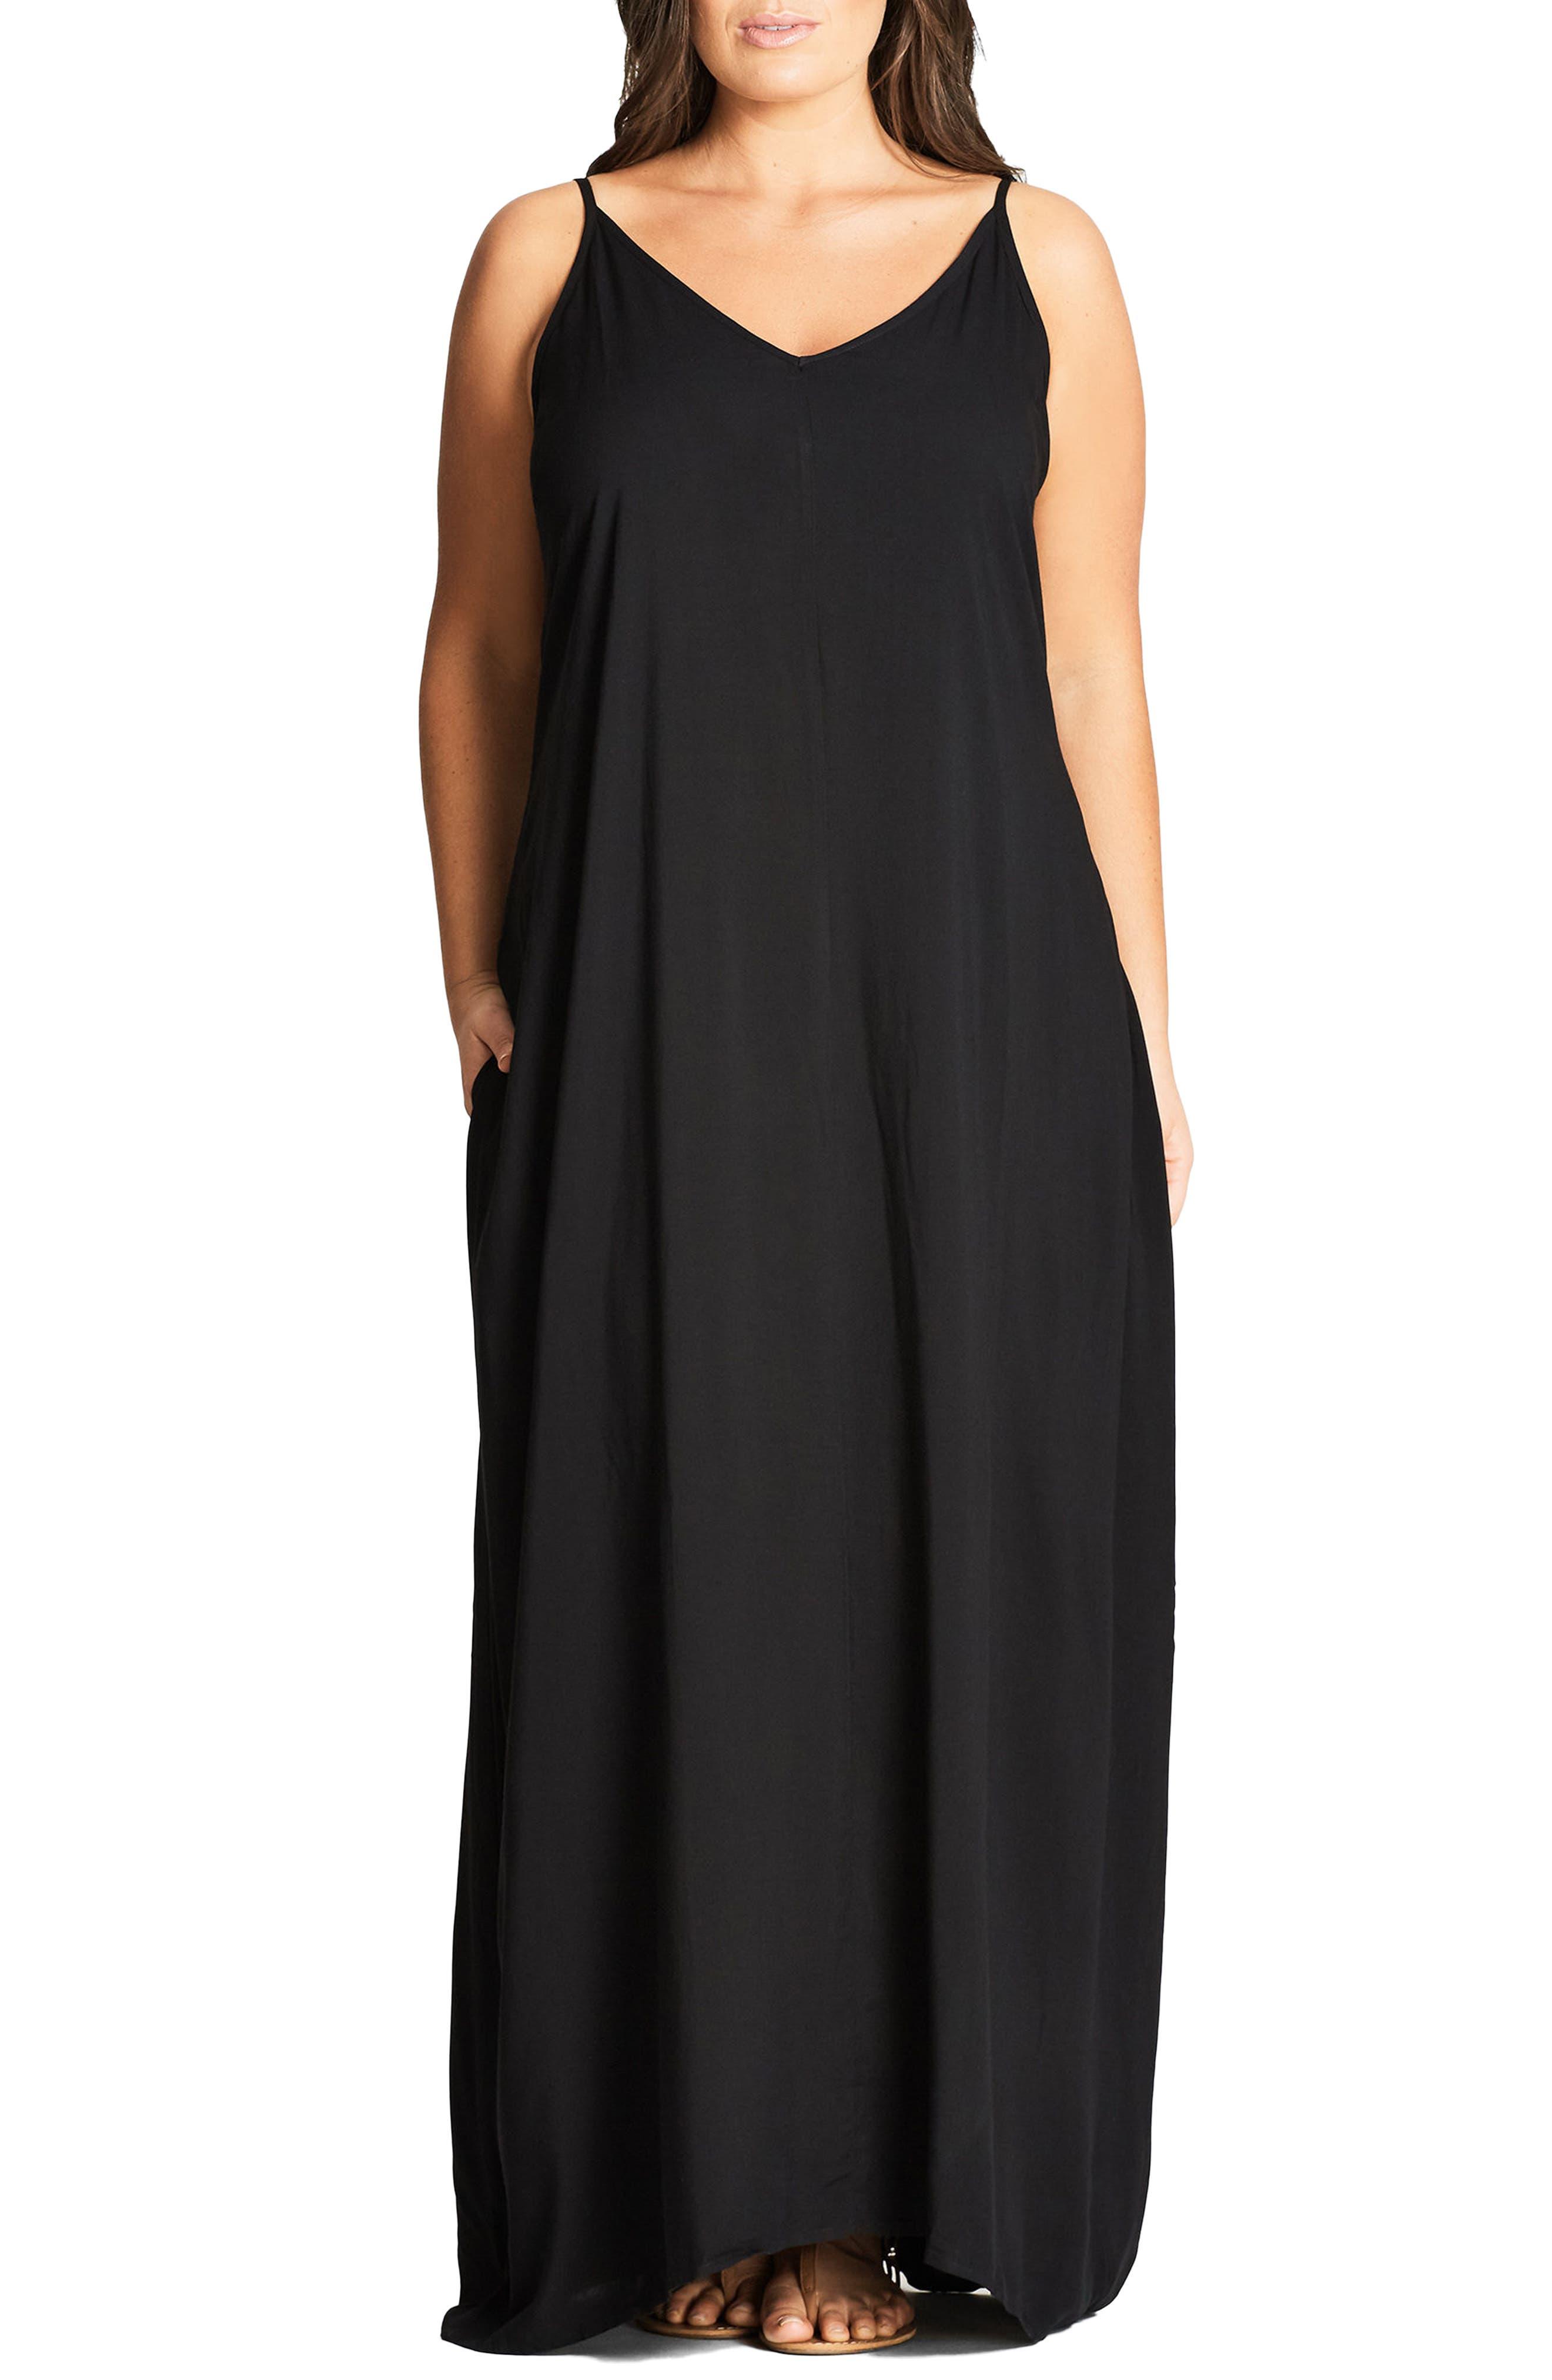 1X Dresses